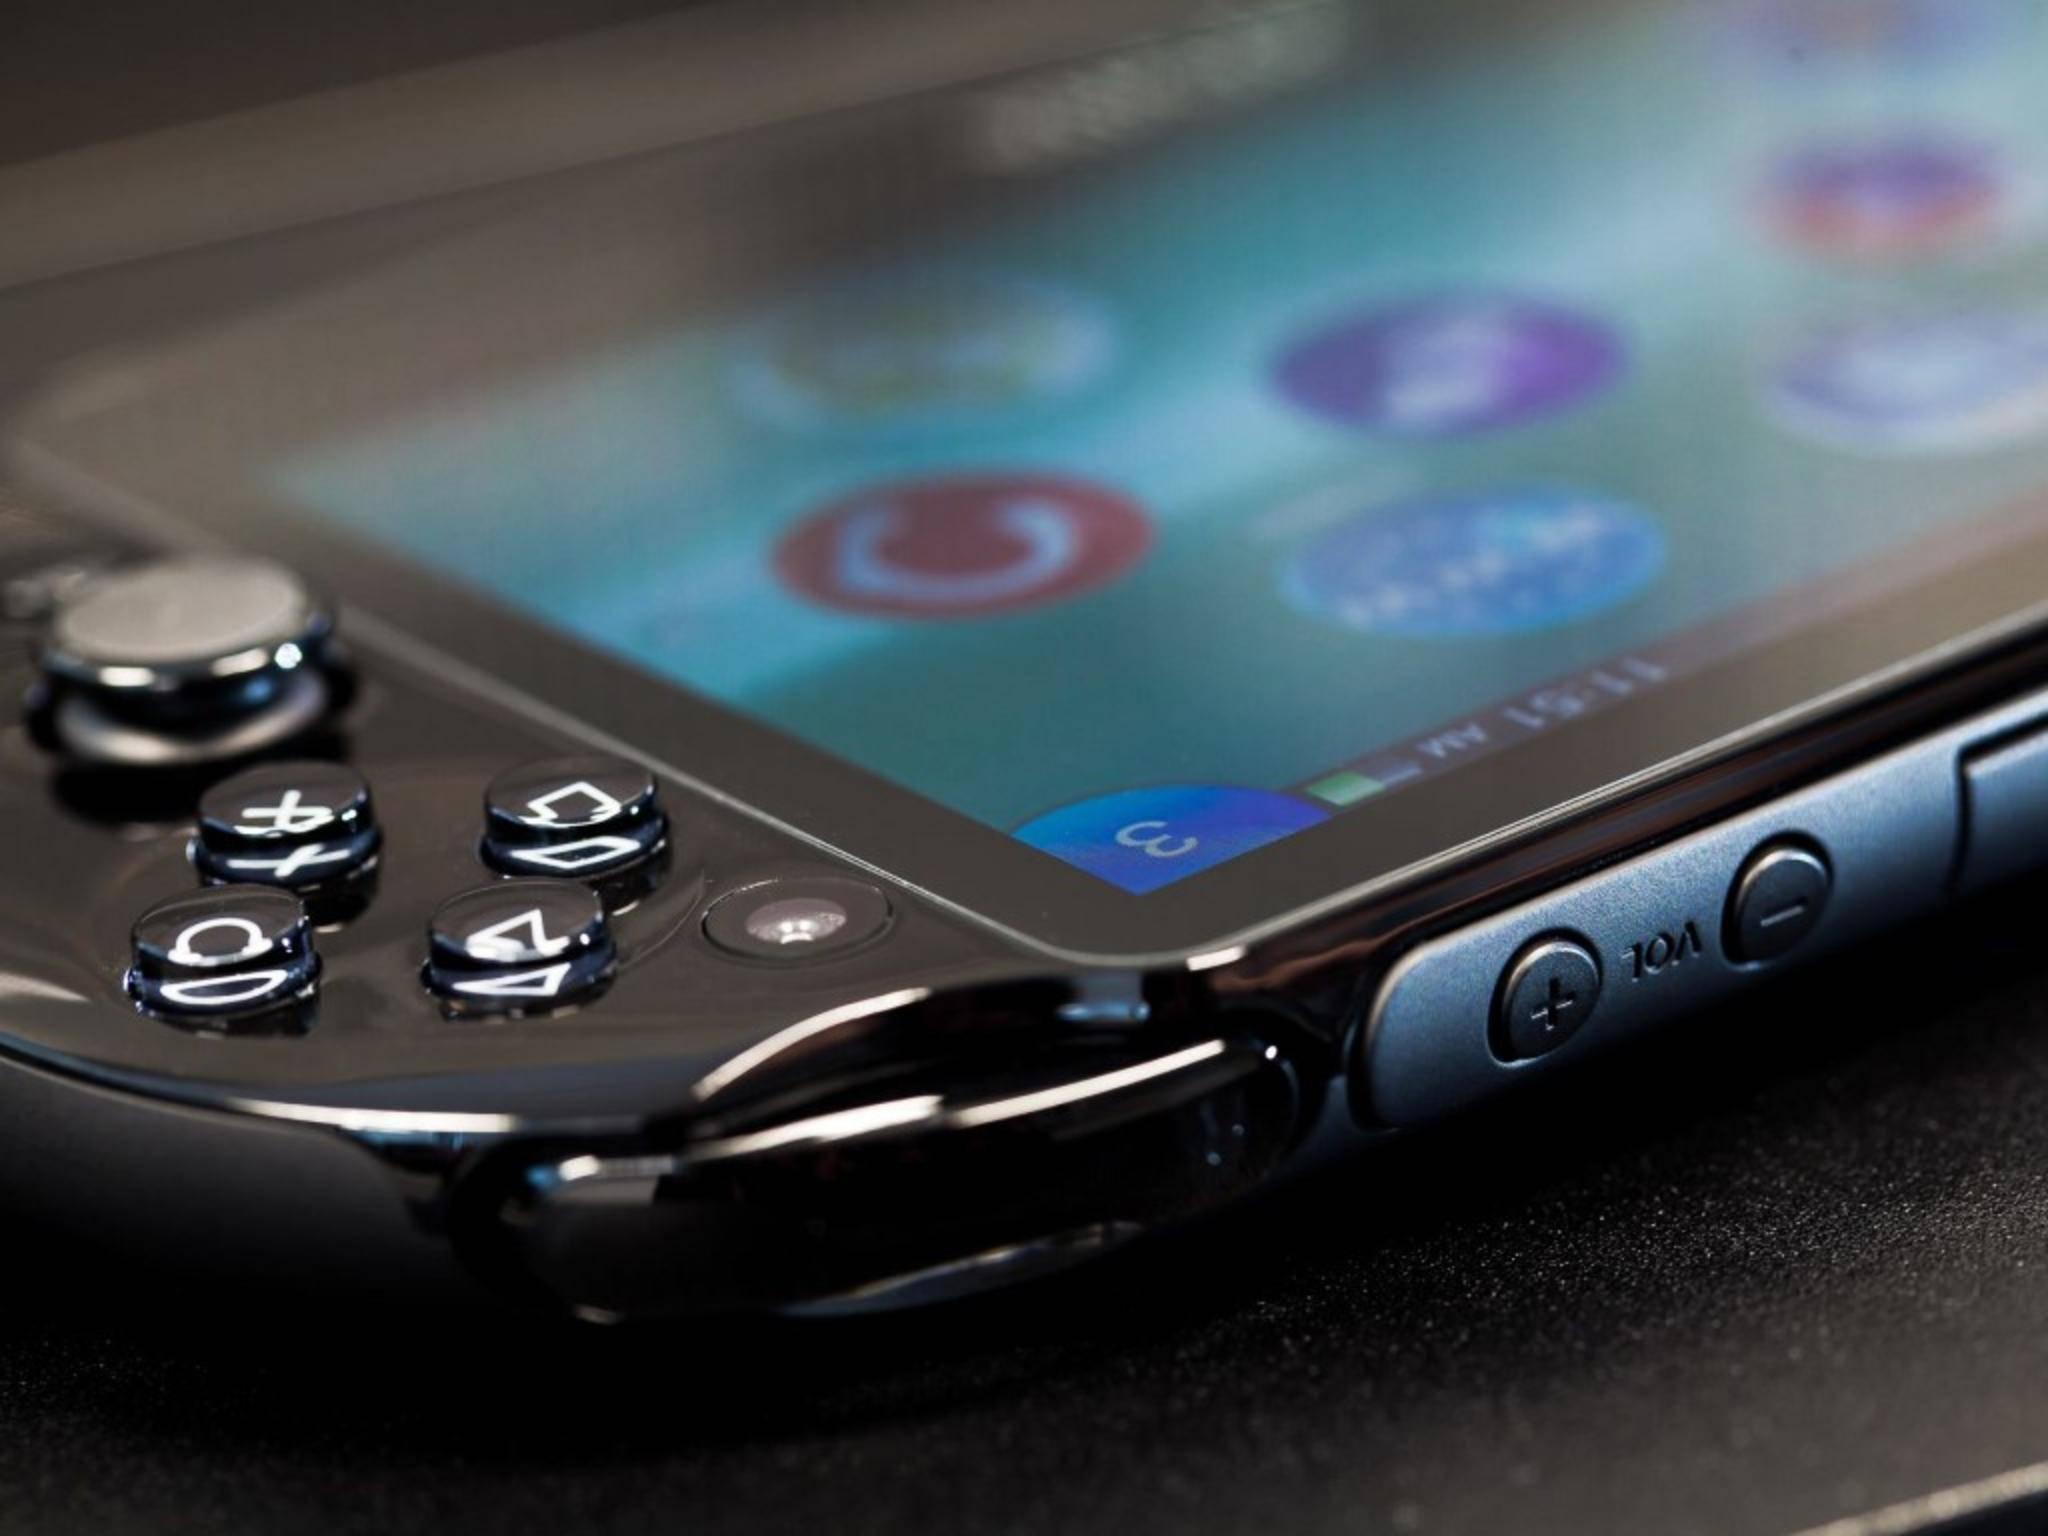 Kein Nachfolger: Eine PlayStation Vita 2 wird es wohl nicht geben.